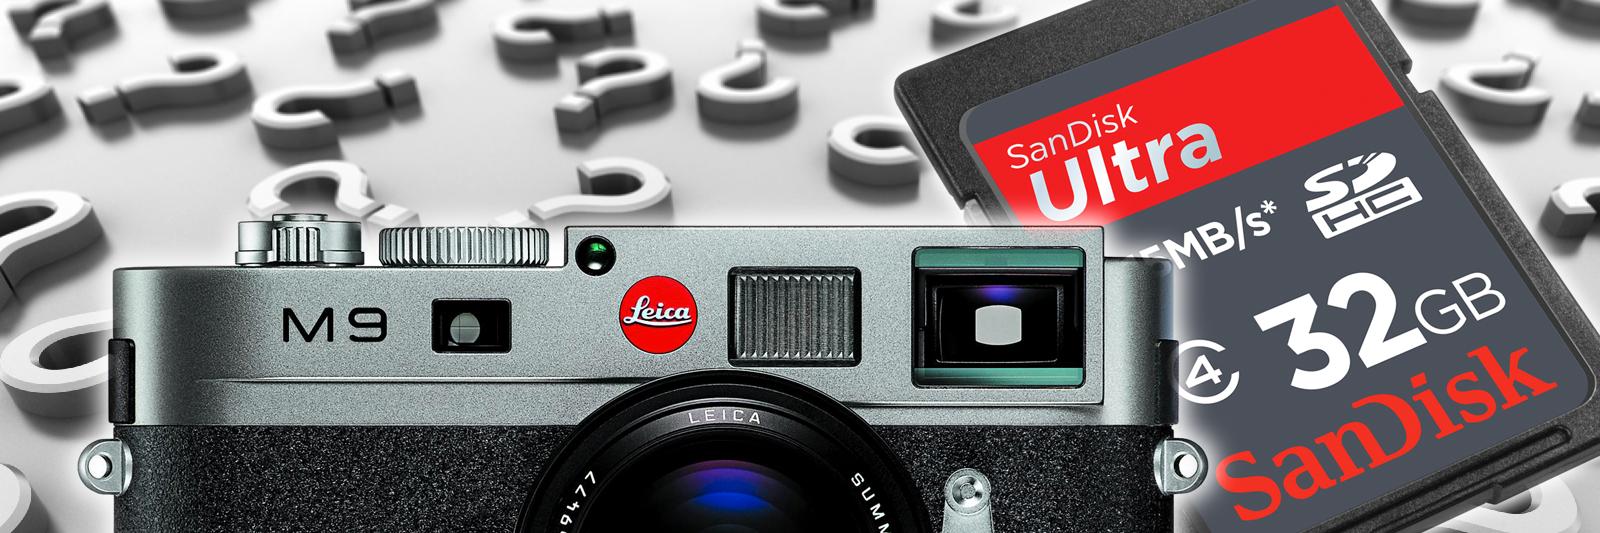 Dreper Leica M9 SanDisk-kortene dine?